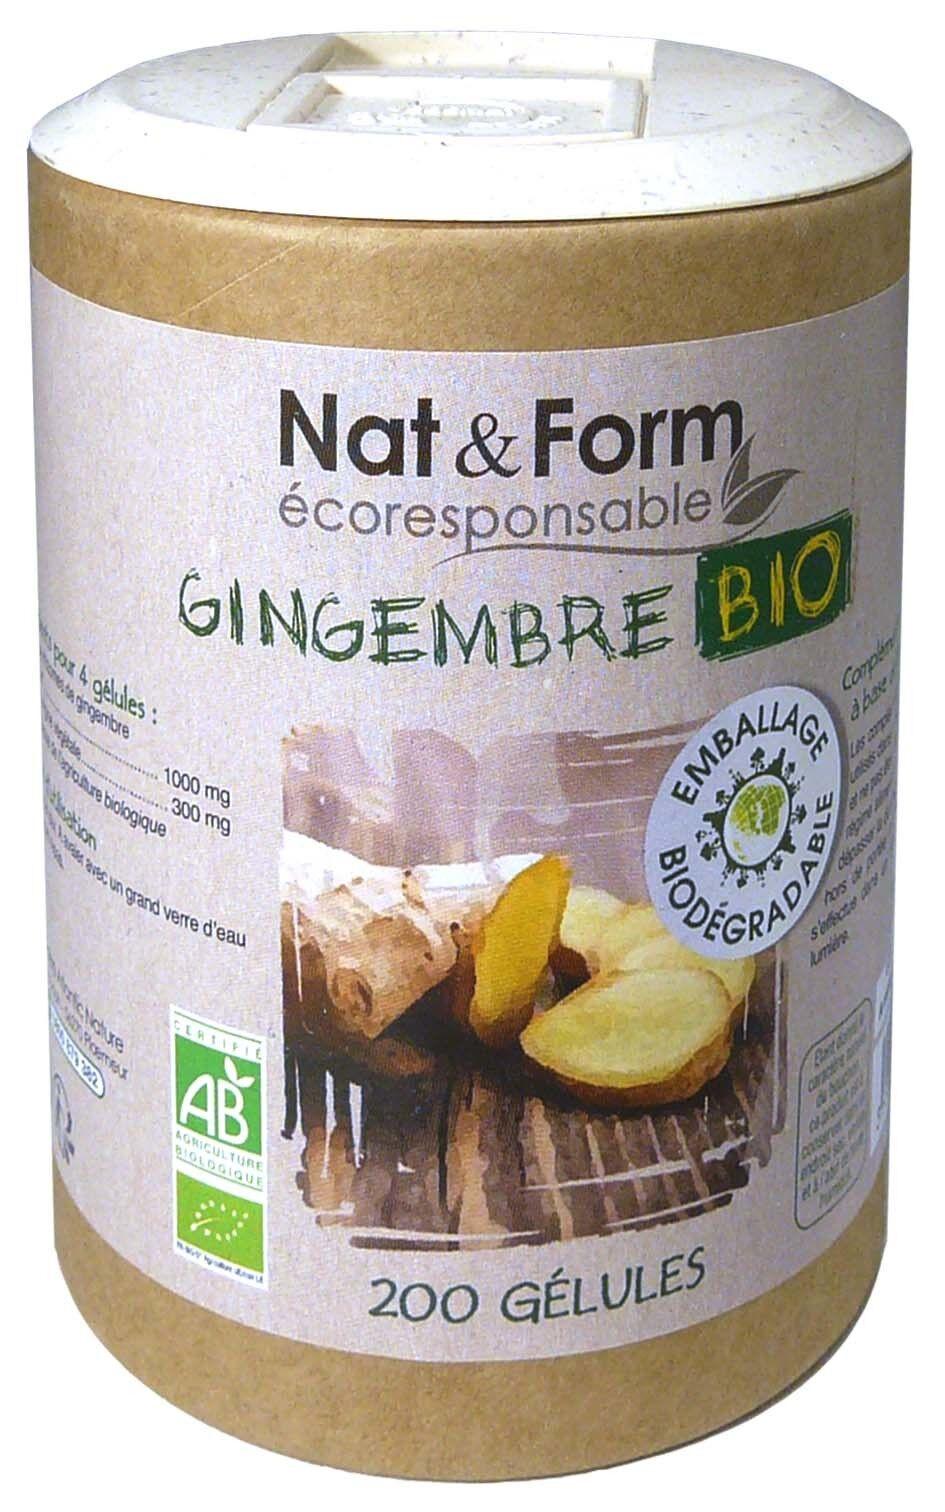 Nat & form gingembre bio 200 gelules